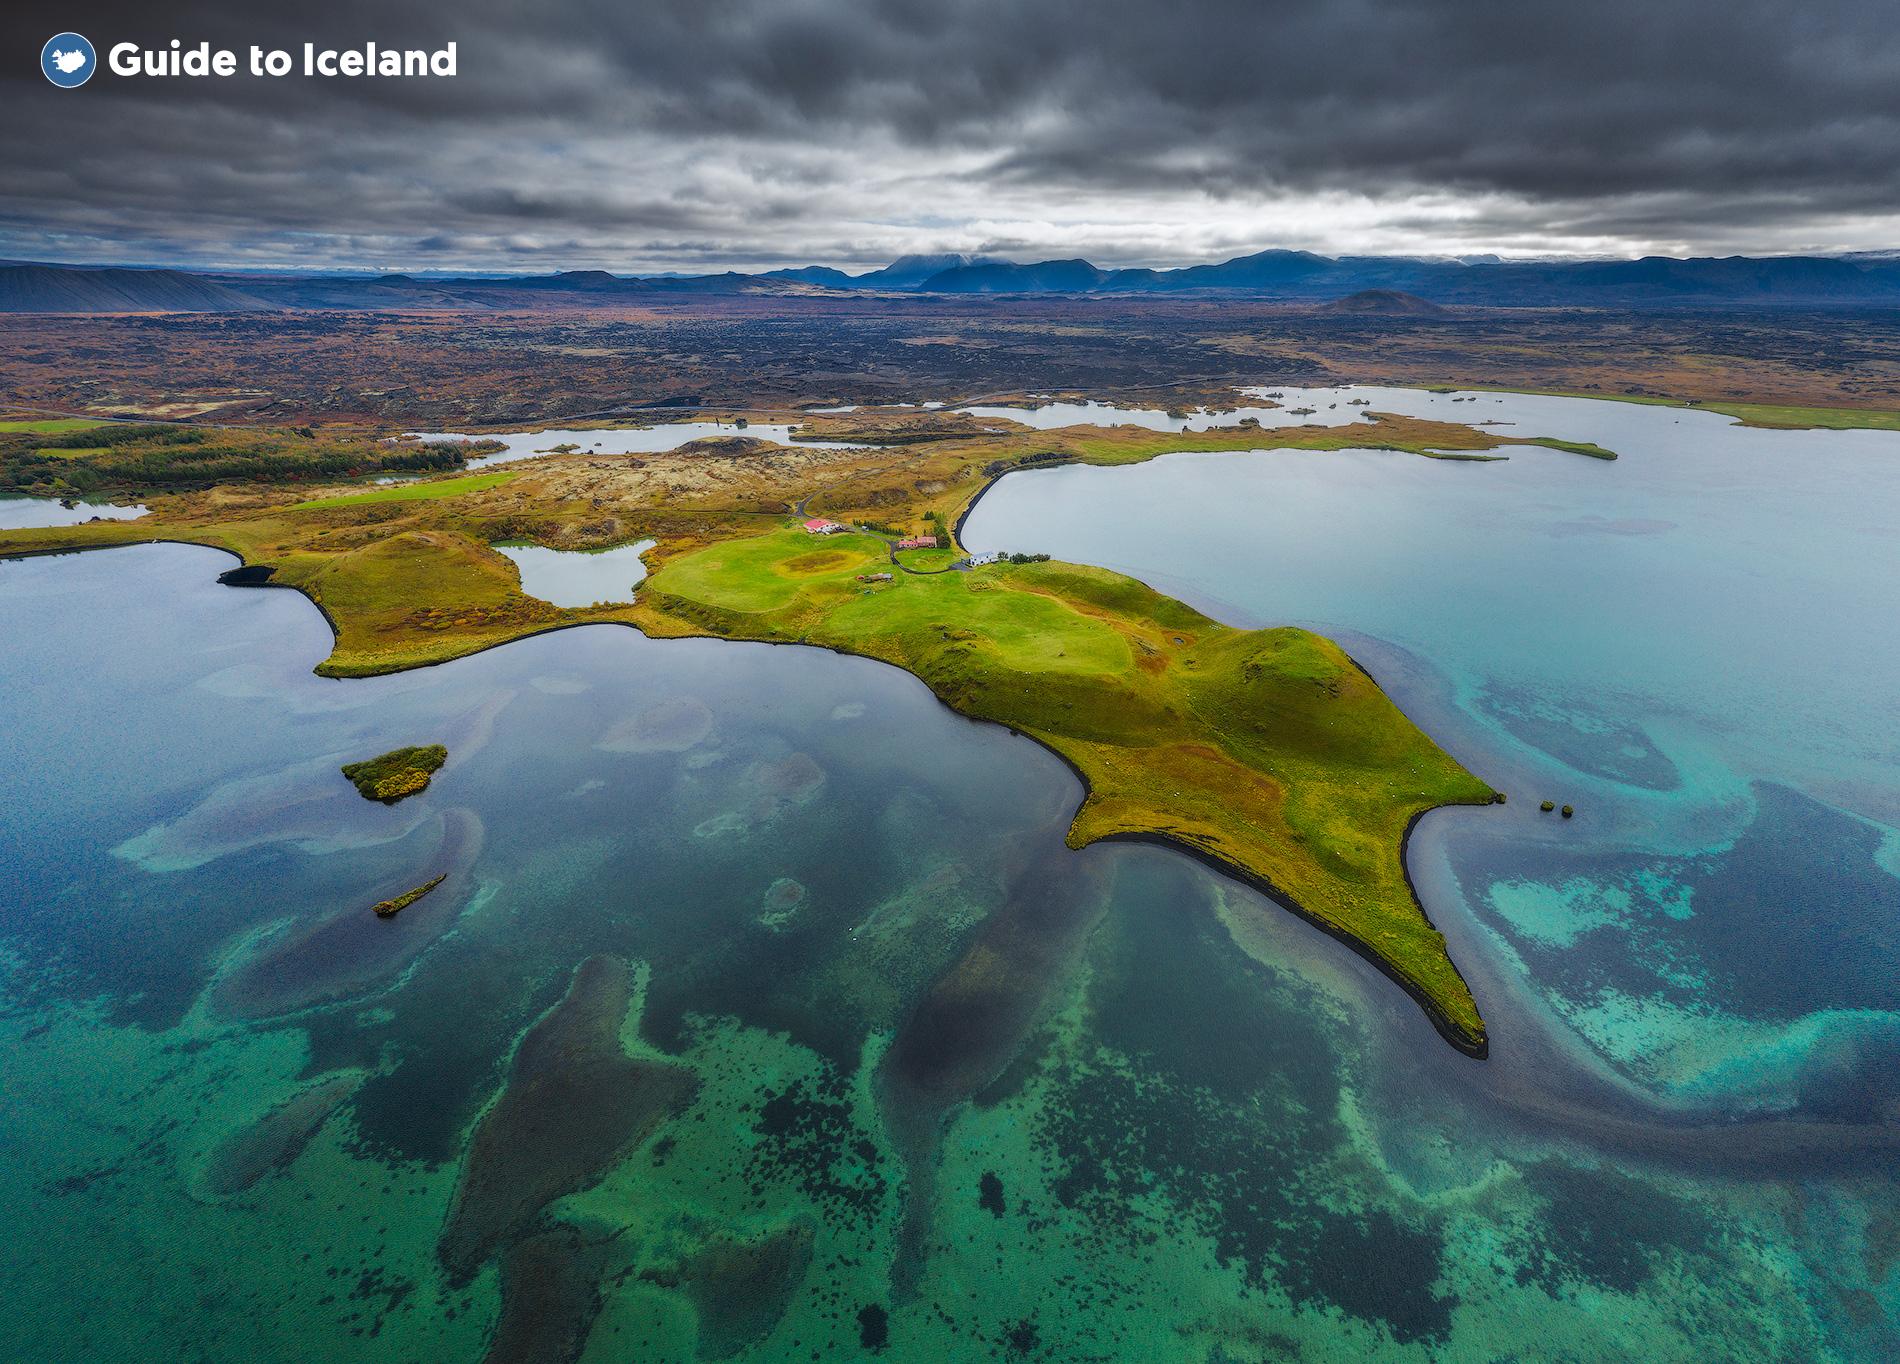 Le lac Myvatn avec son eau de couleur bleue-verte